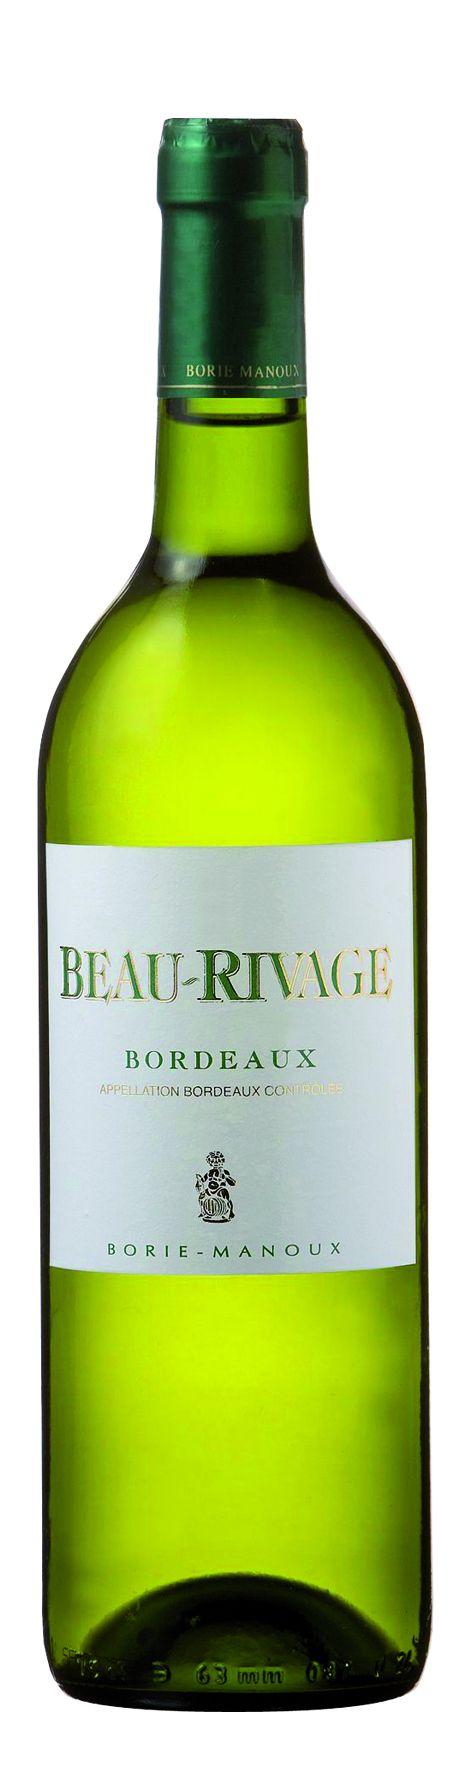 Borie-Manoux Beau-Rivage Bordeaux Blanc